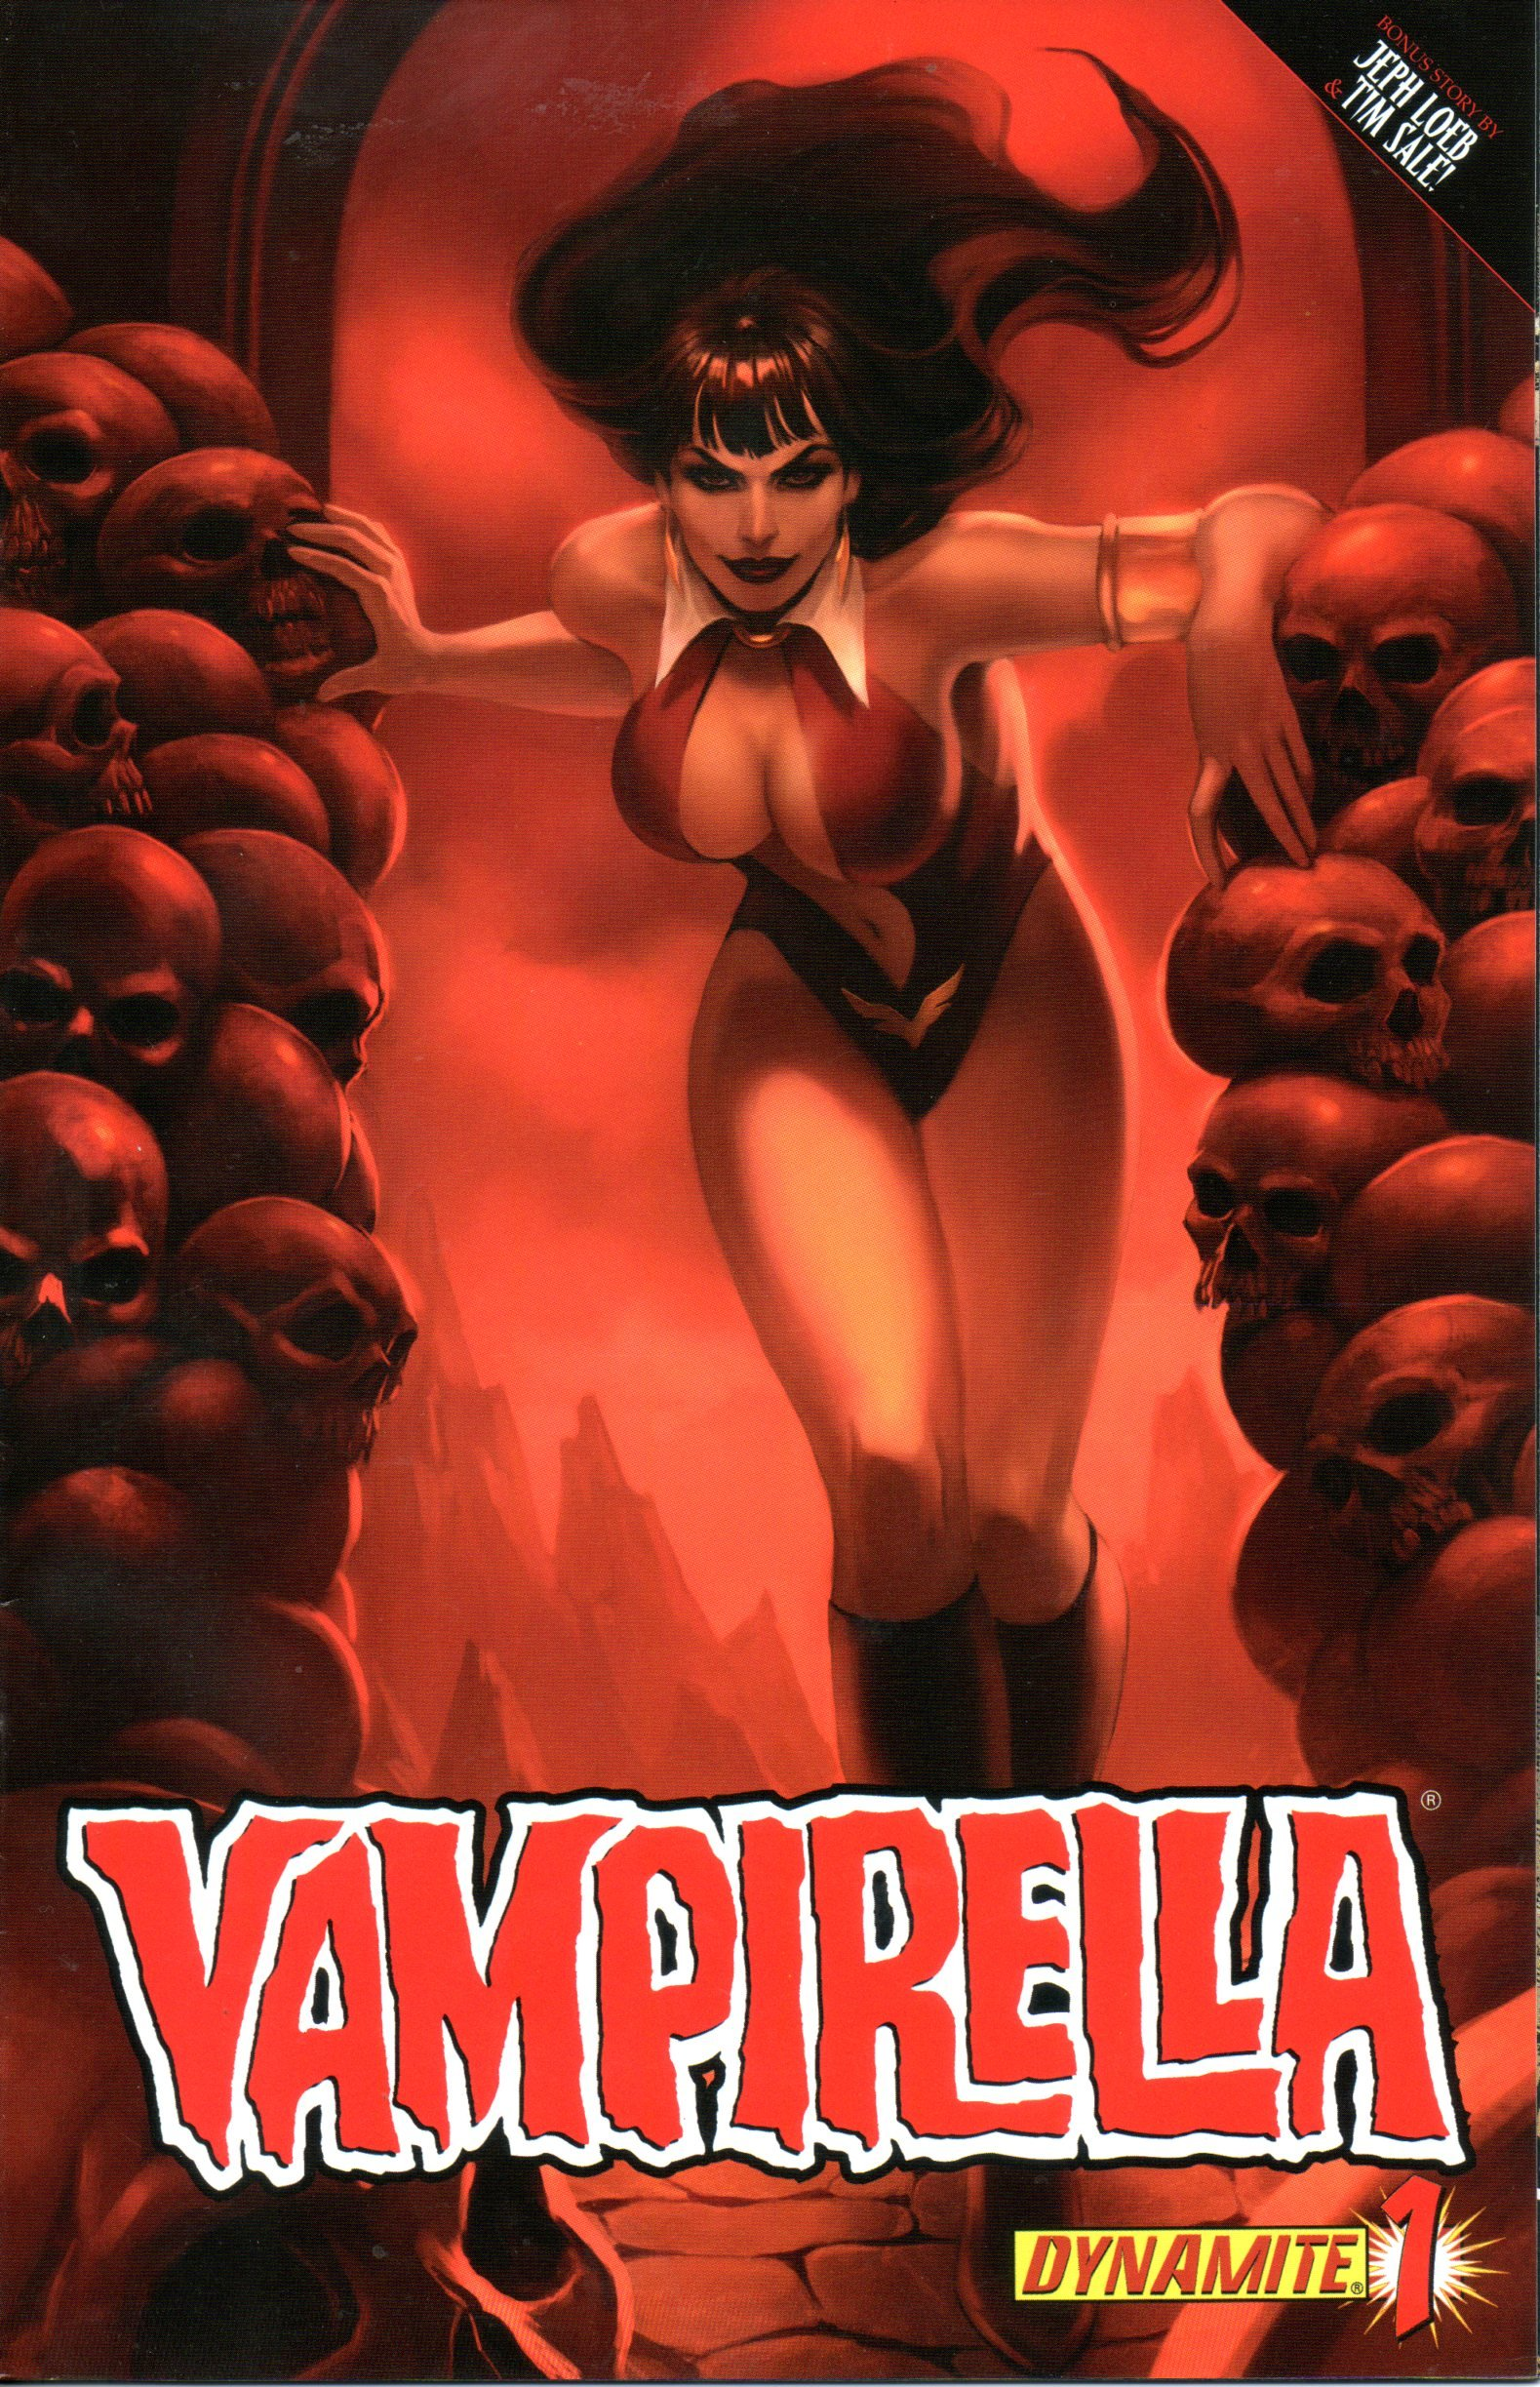 Vampirella #1 Jelena Kevic-Djurdjevic Cover pdf epub